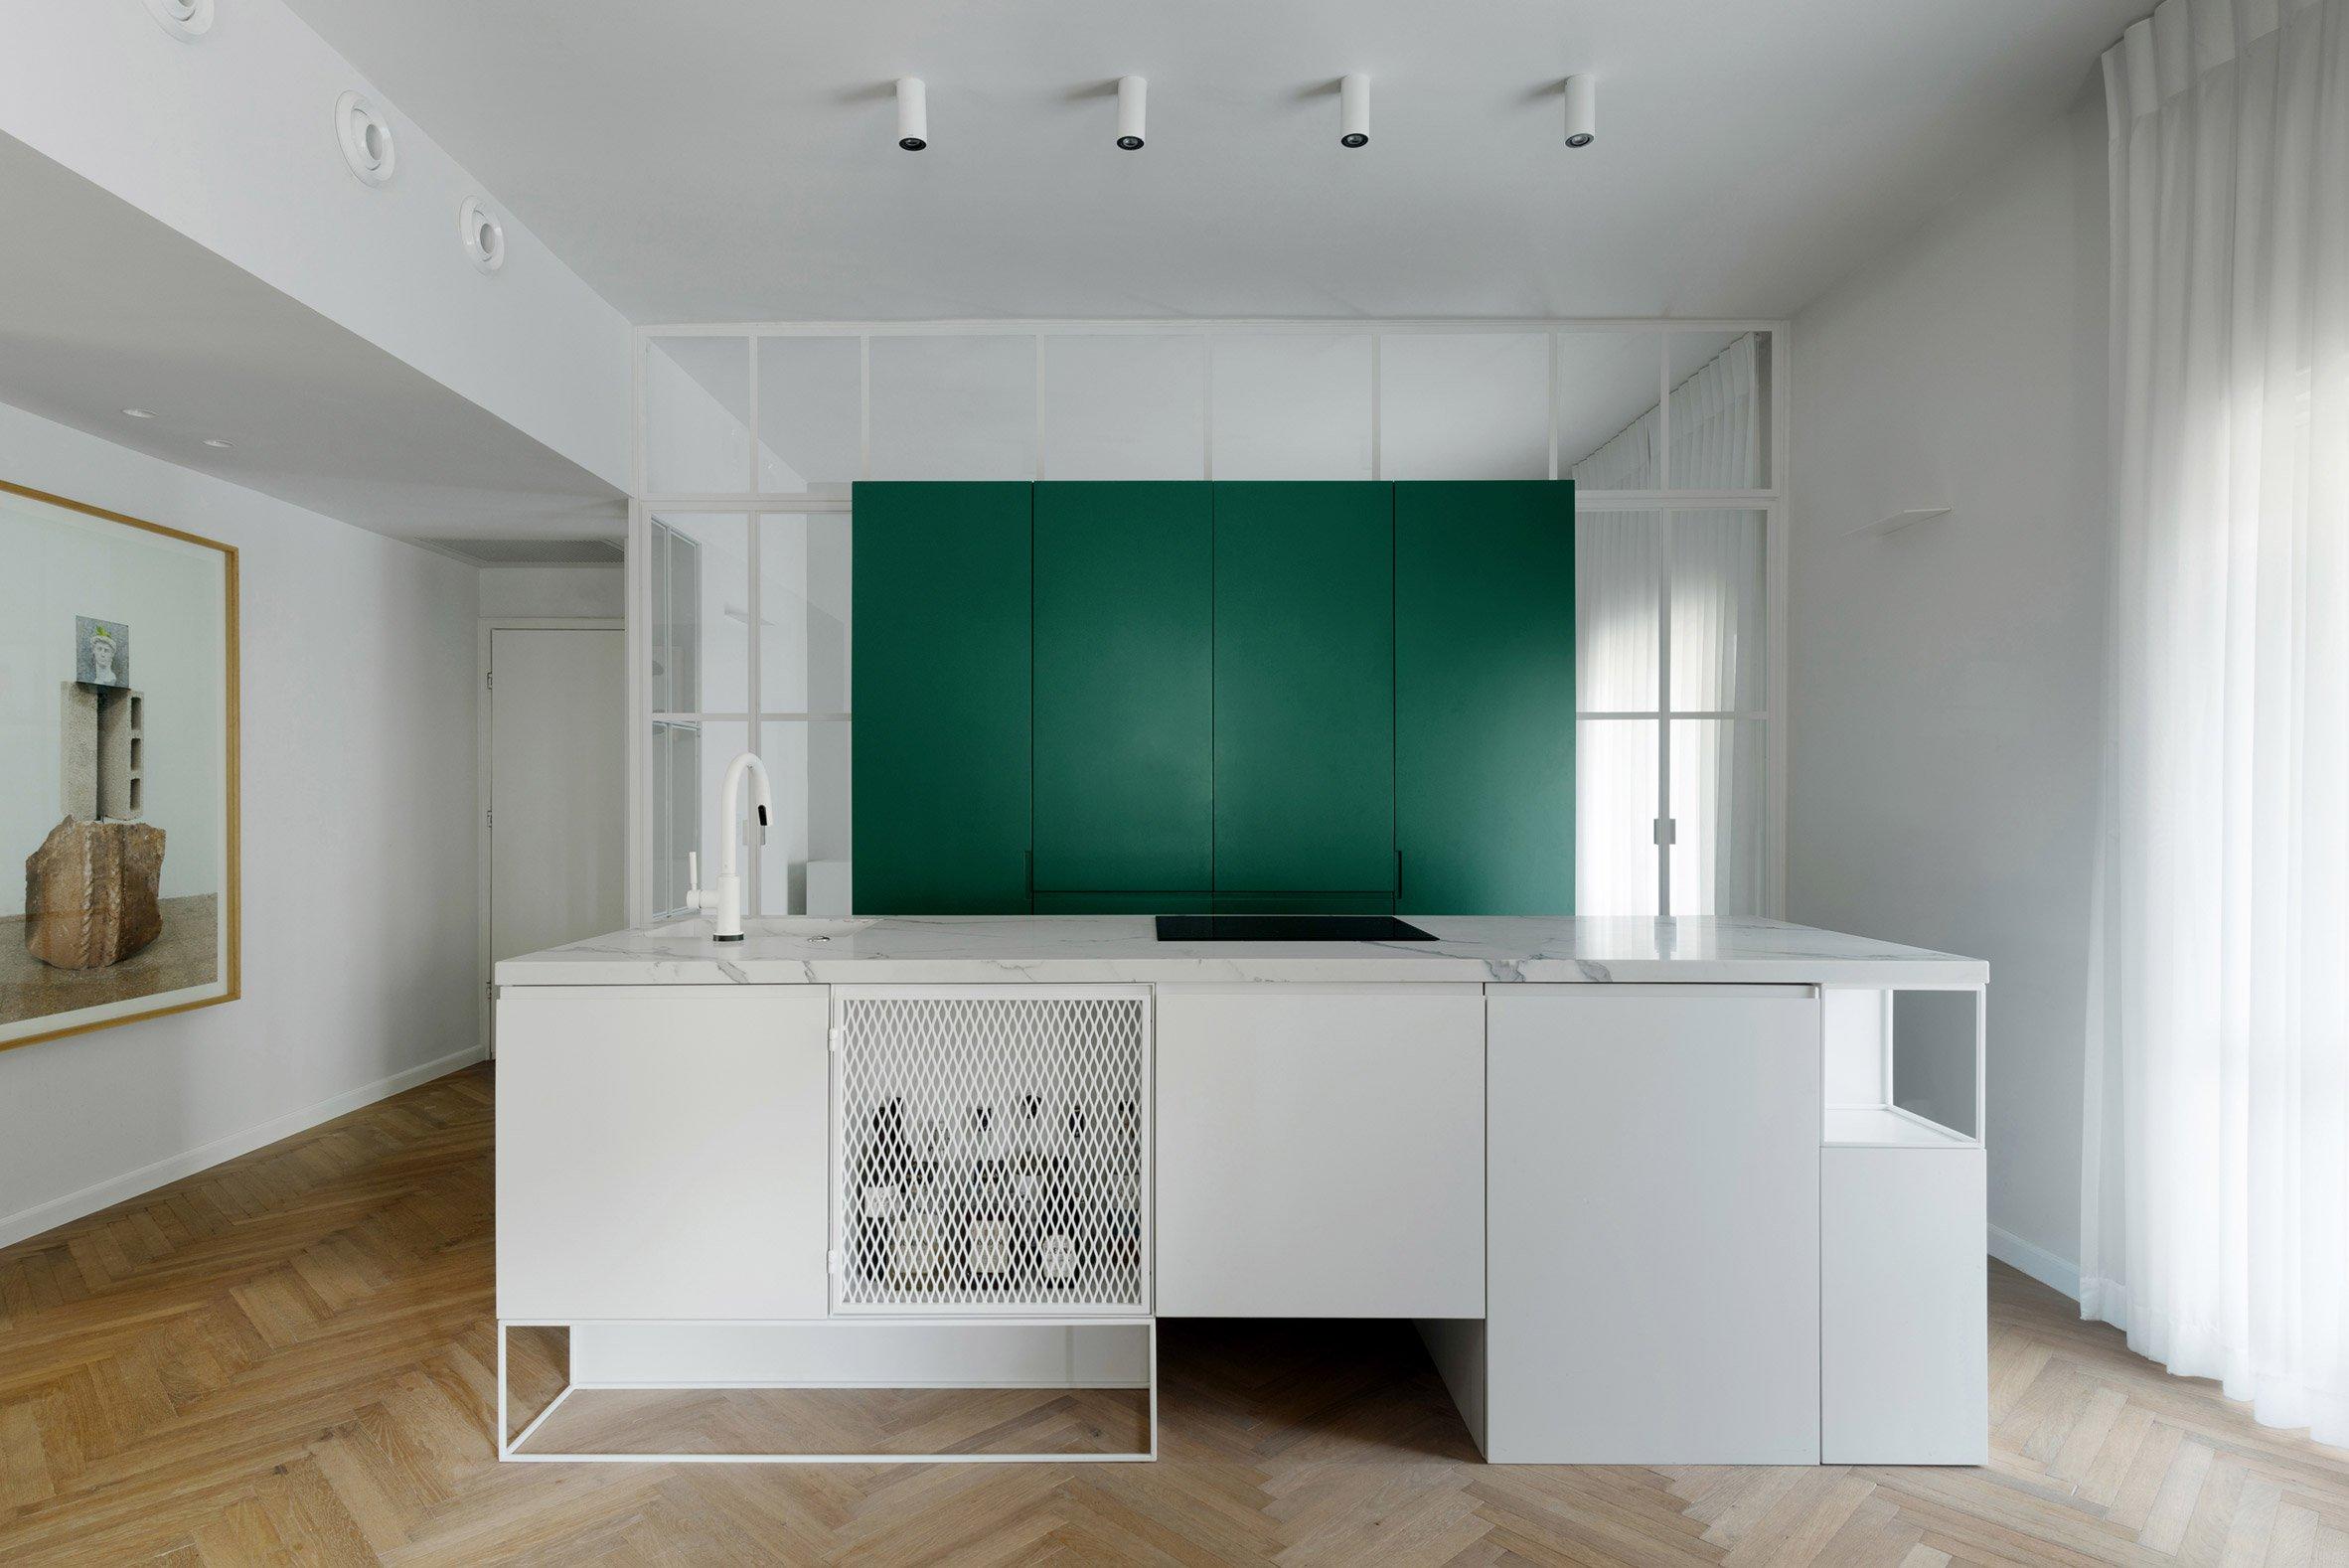 小戶型樣板房整體廚房裝修設計圖賞析